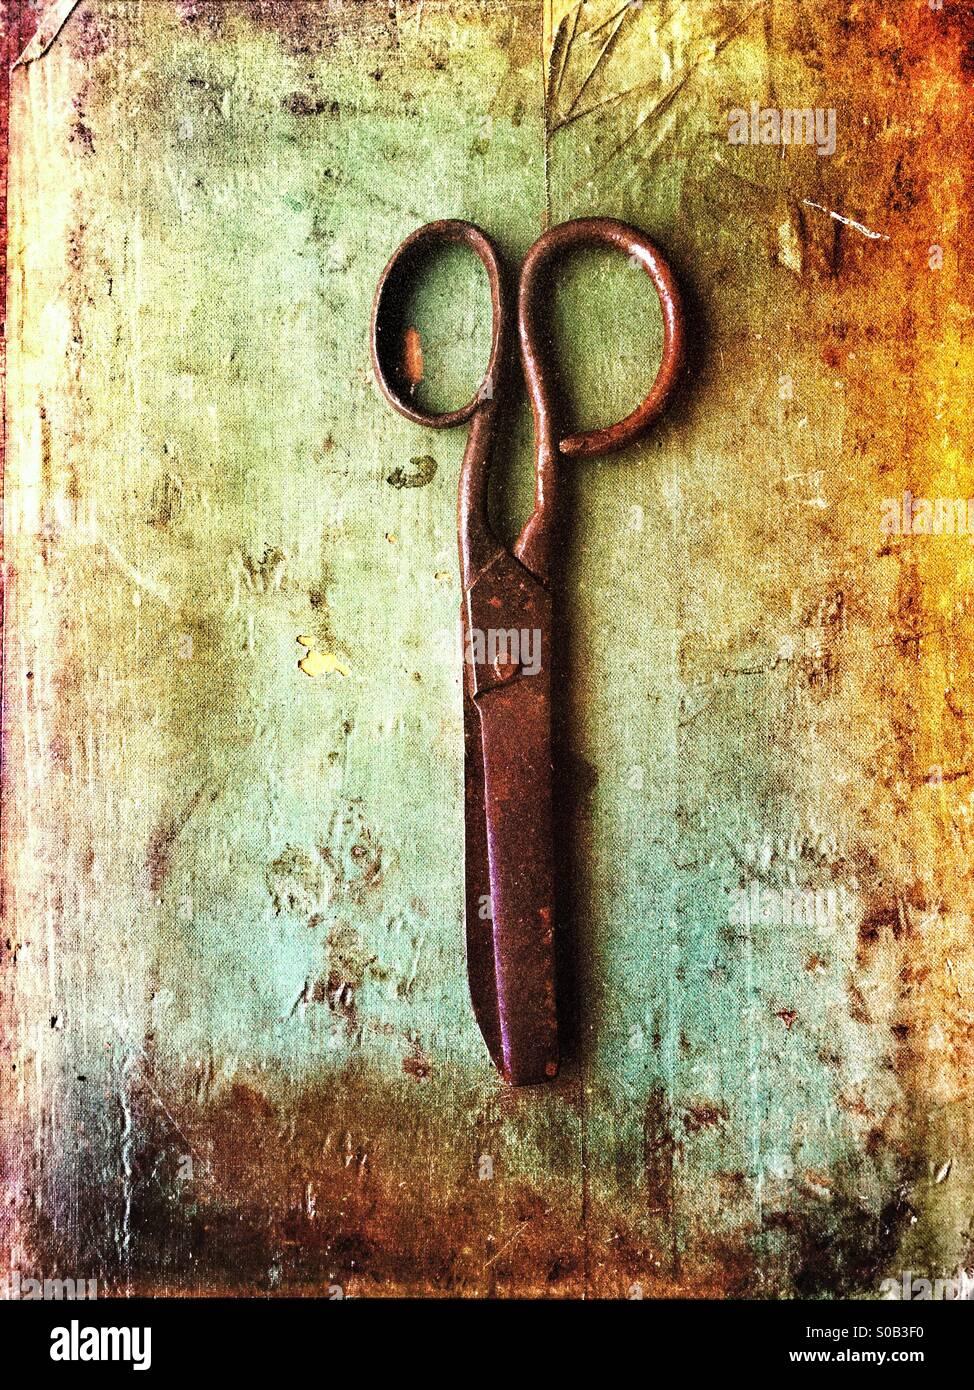 Viejas tijeras oxidadas Imagen De Stock